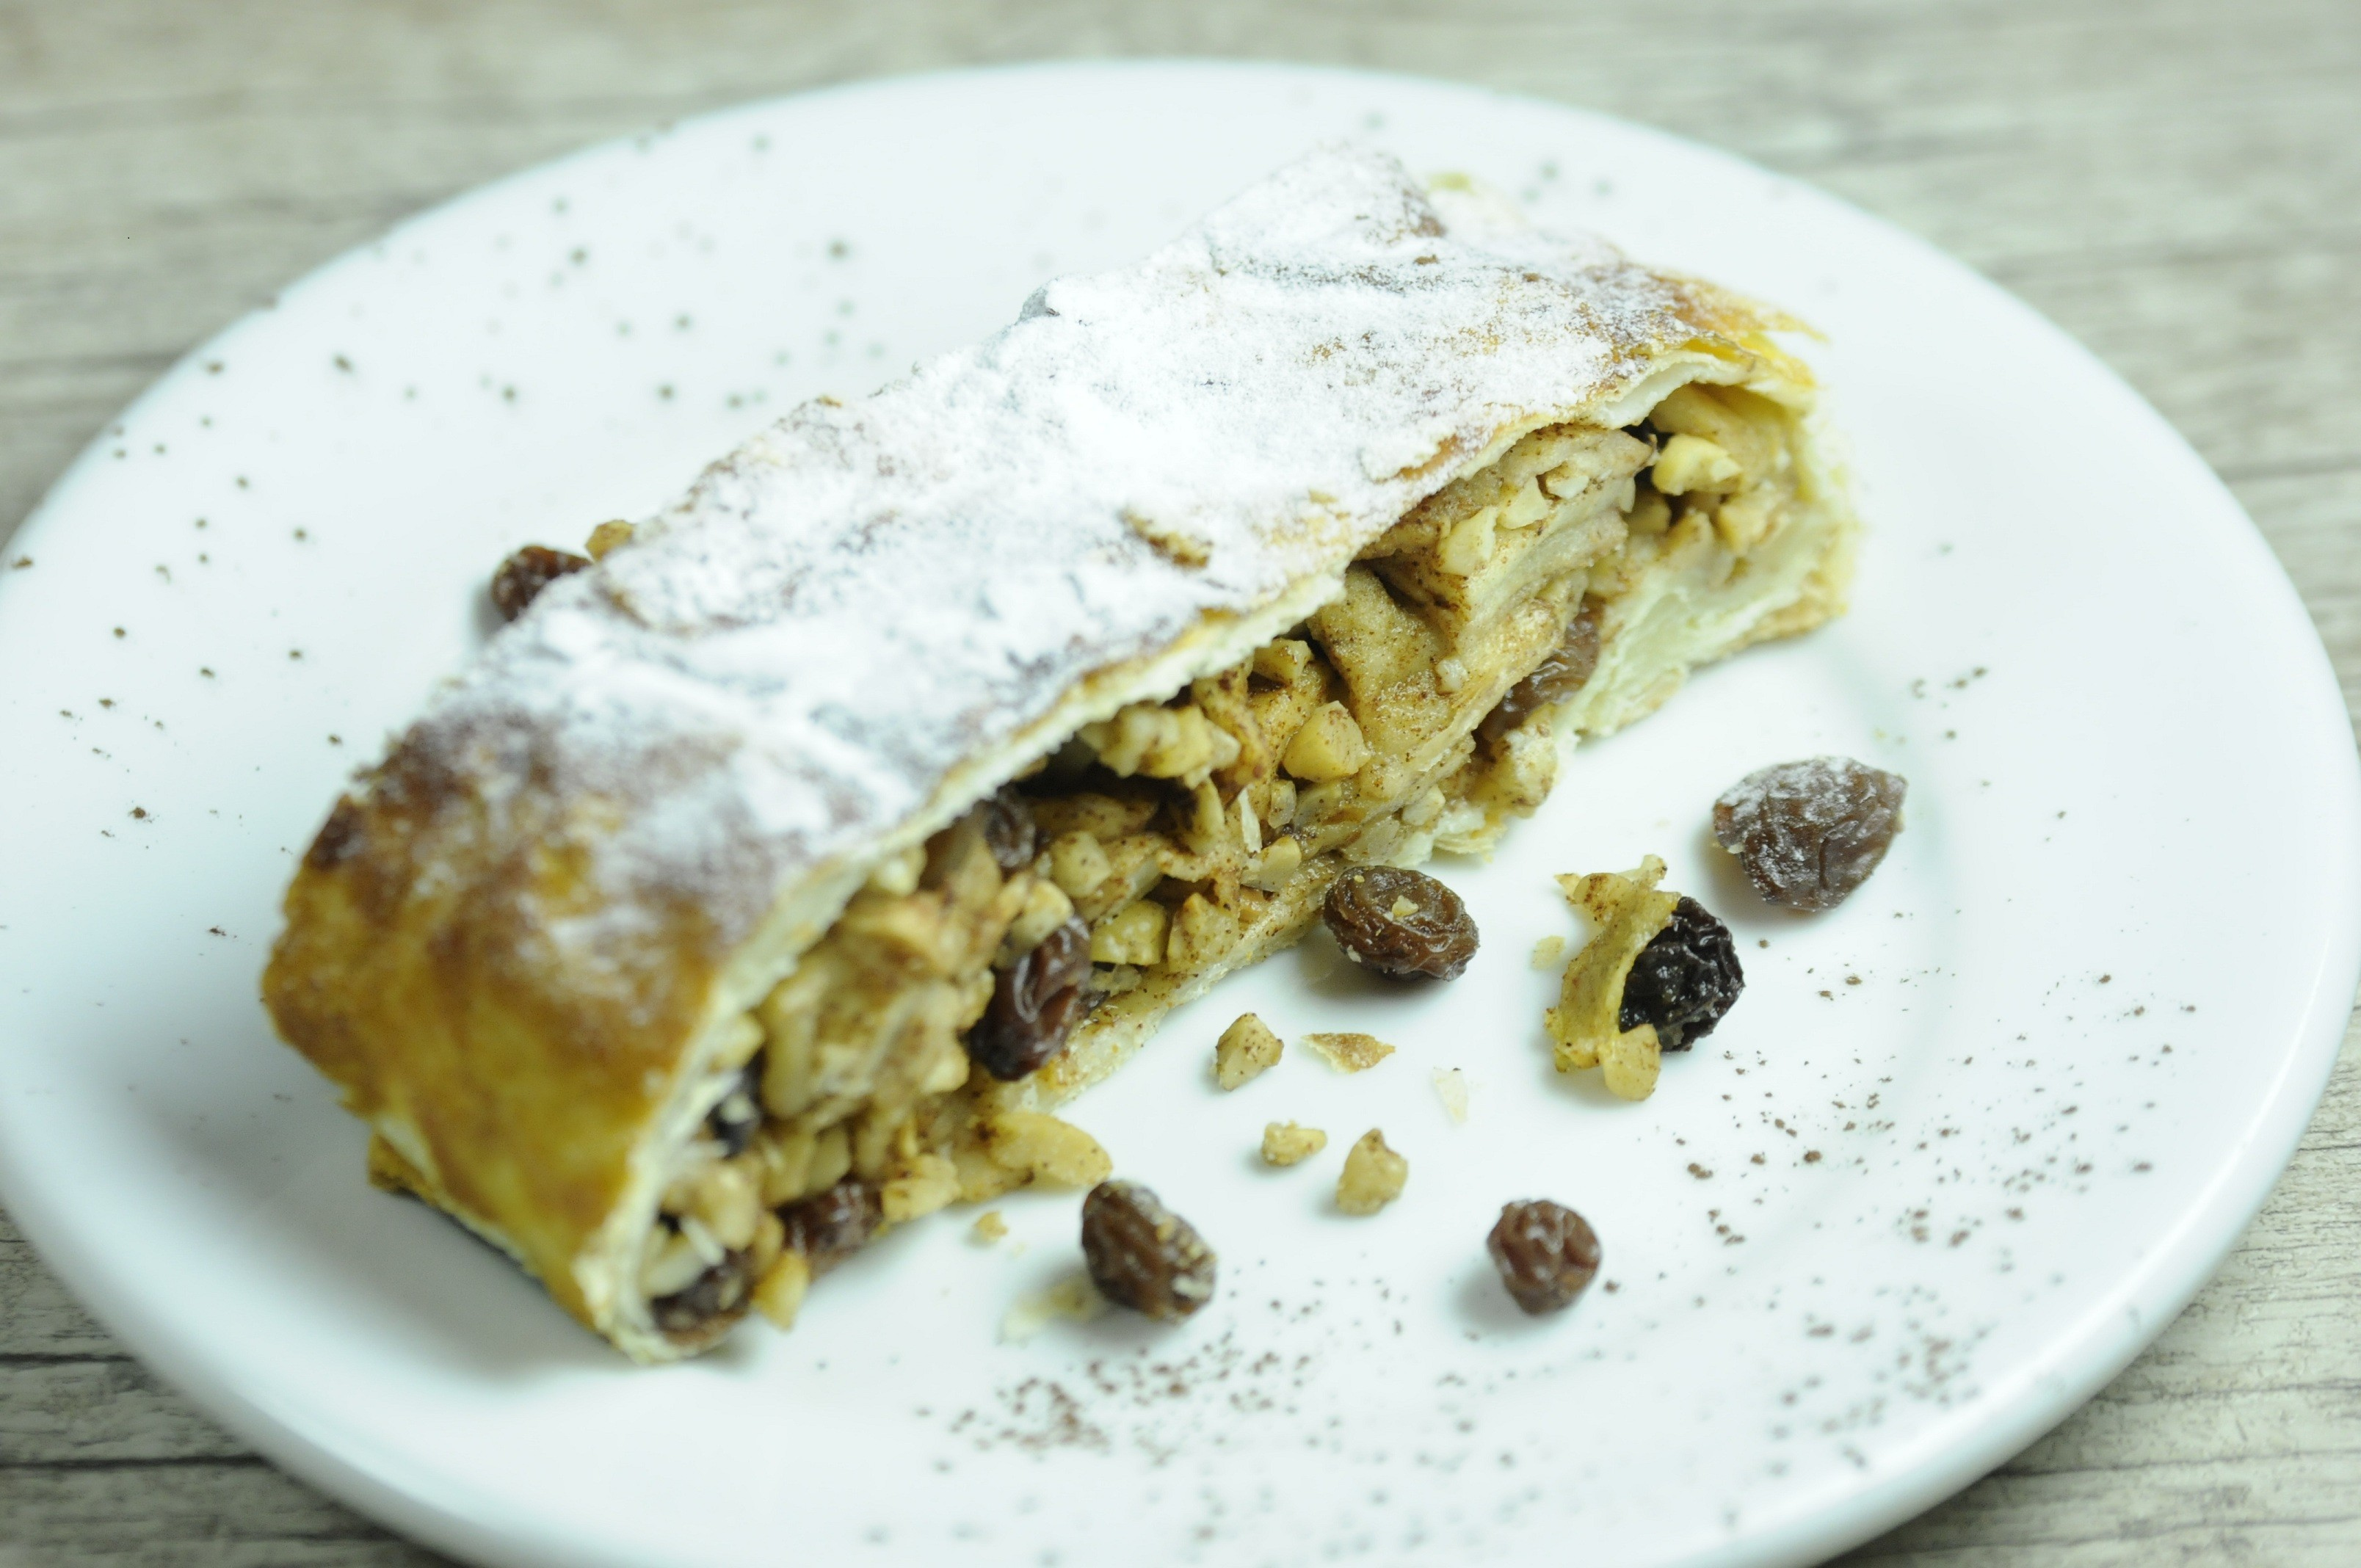 O strudel de maçã da Crema e Cioccolato Café (Foto: Marcello Almo)